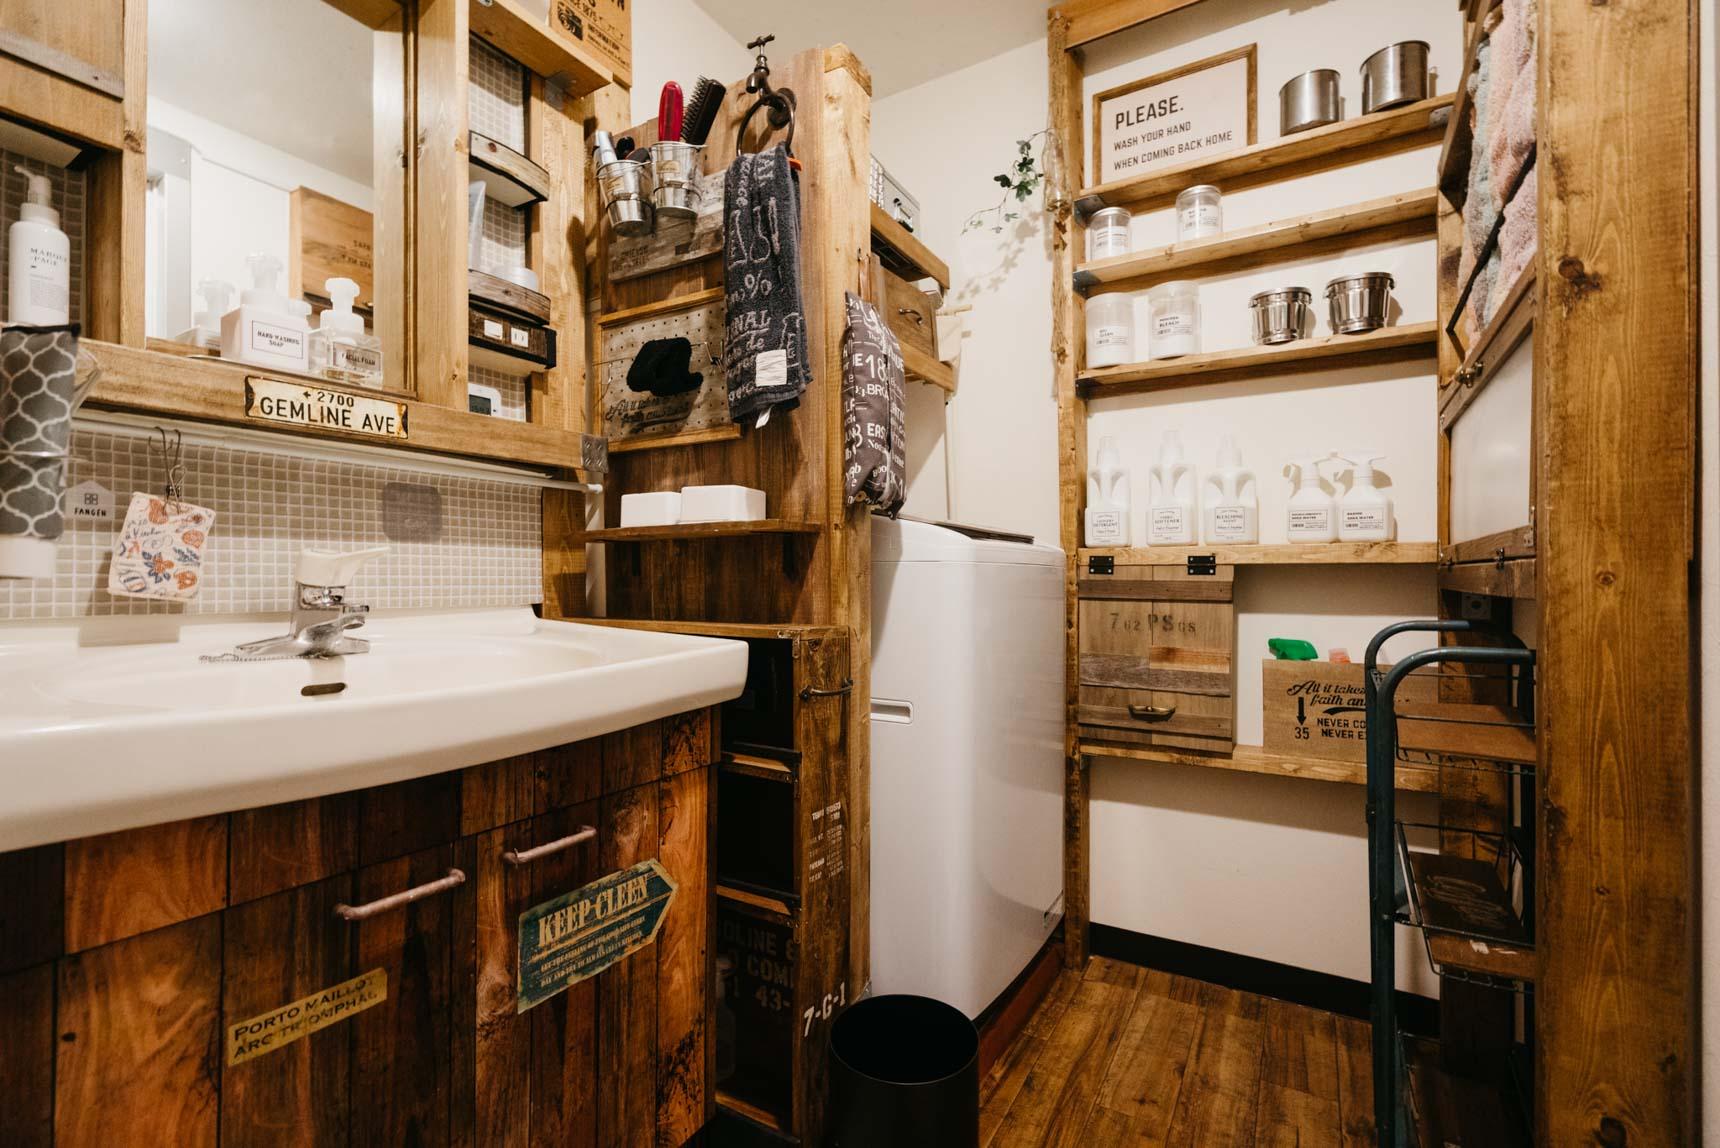 私がすごい!と思ったのは、こちらの洗面台。賃貸によくある収納がたくさんついた洗面台なのですが、その上から「かぱっ」とはめられる木枠を作り、雰囲気がガラリと変わっています。